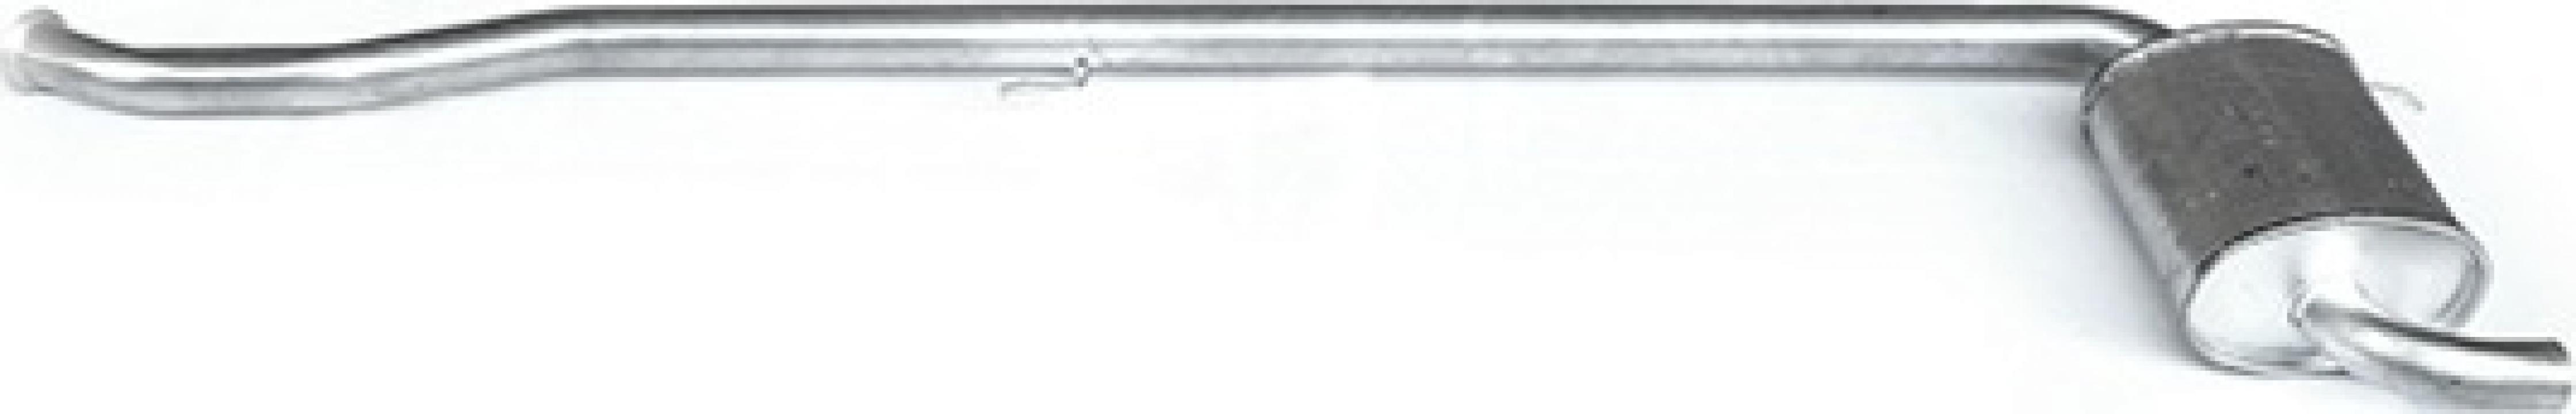 Toba esapament Dacia Supernova, Solenza